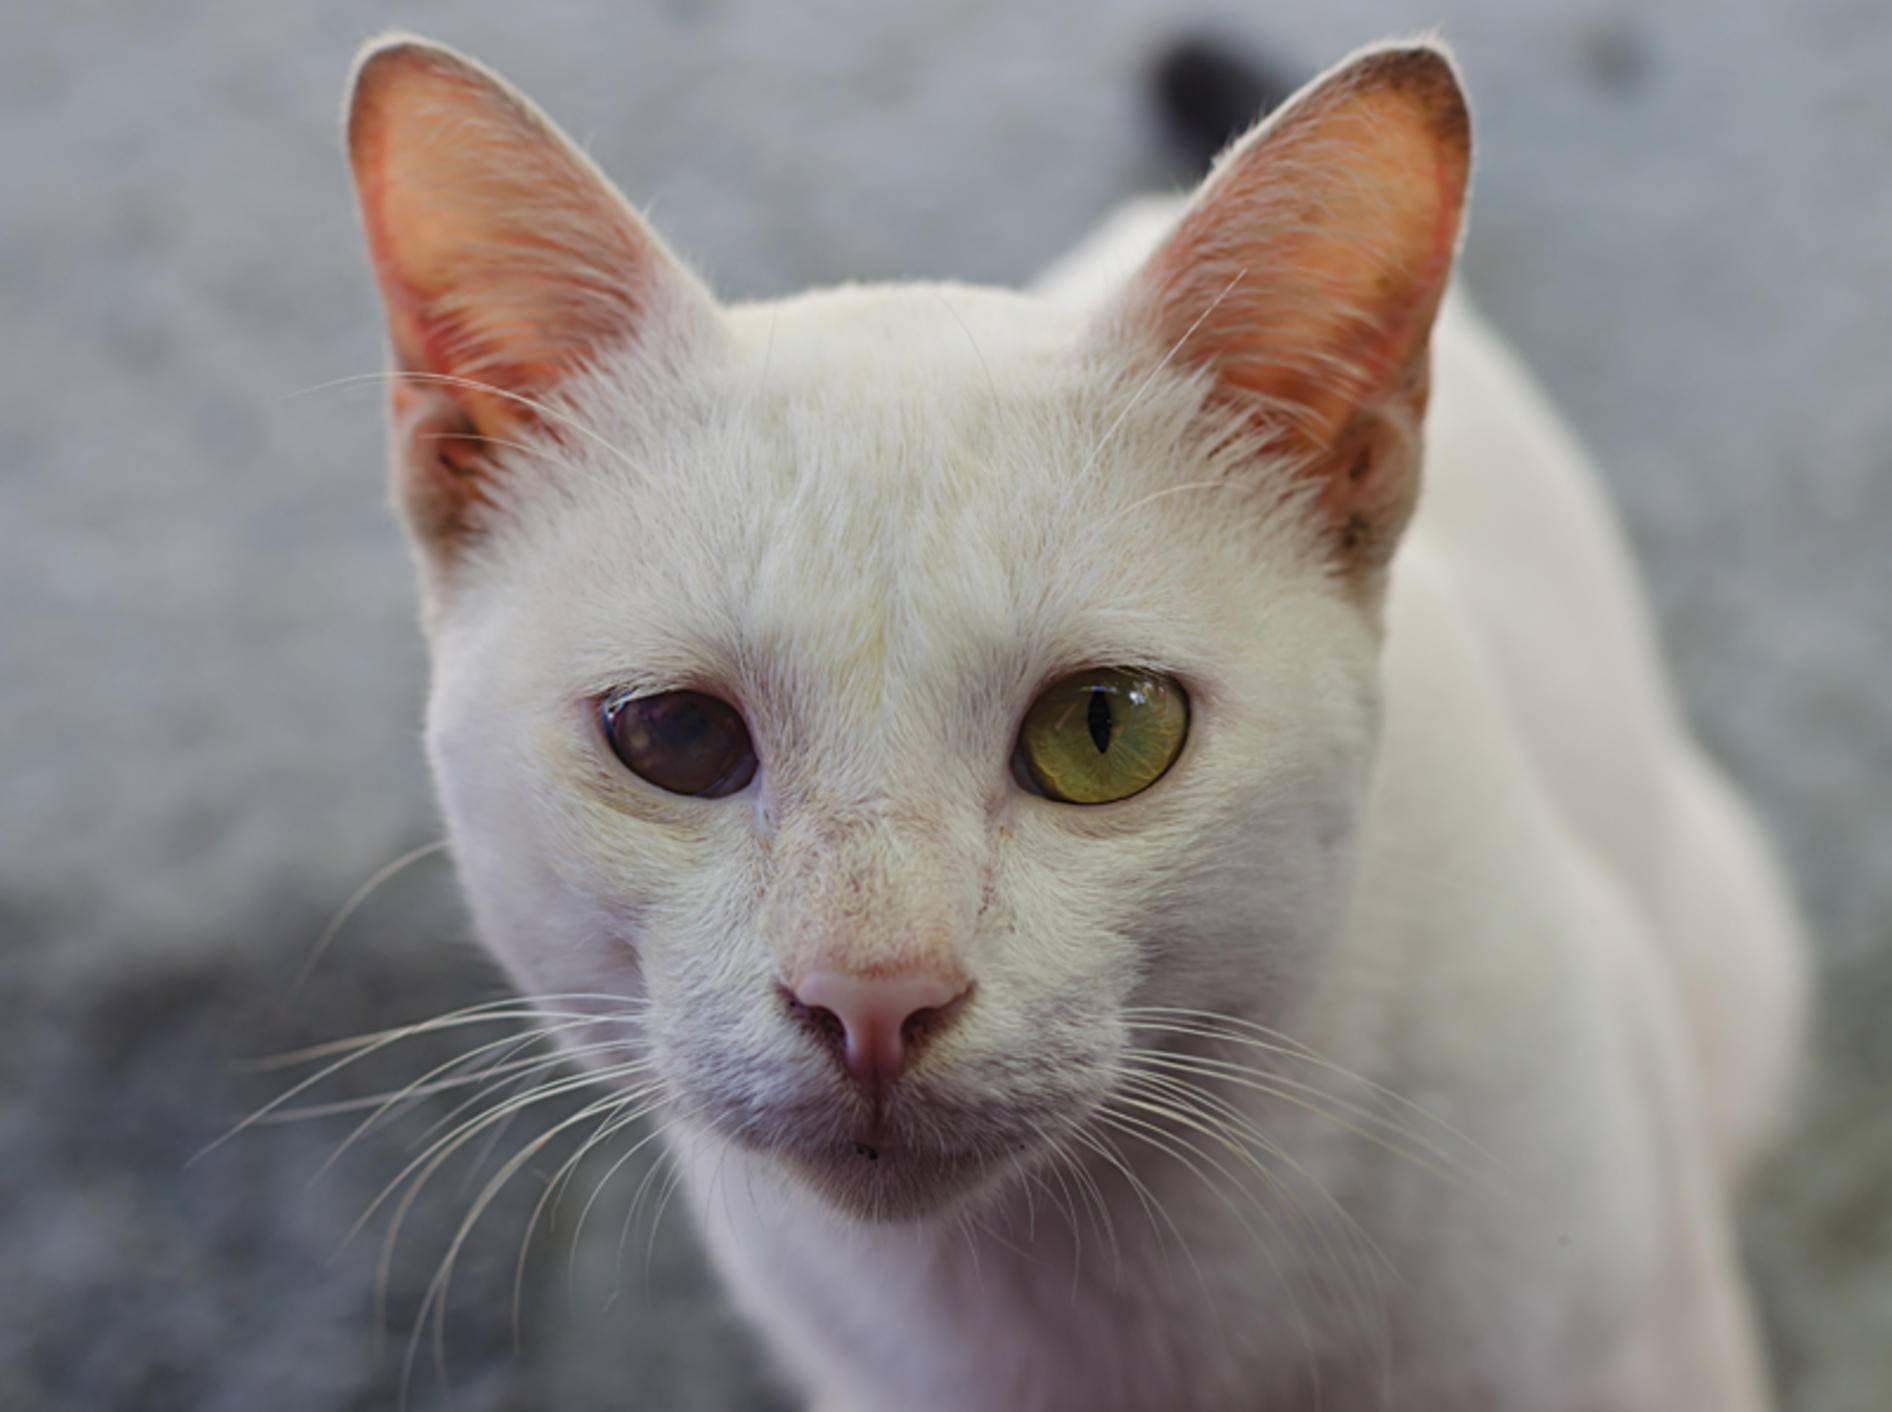 Diese Katze ist auf einem Auge blind: Ist Grüner Star die Ursache? – Shutterstock / Benchaporn Maiwat